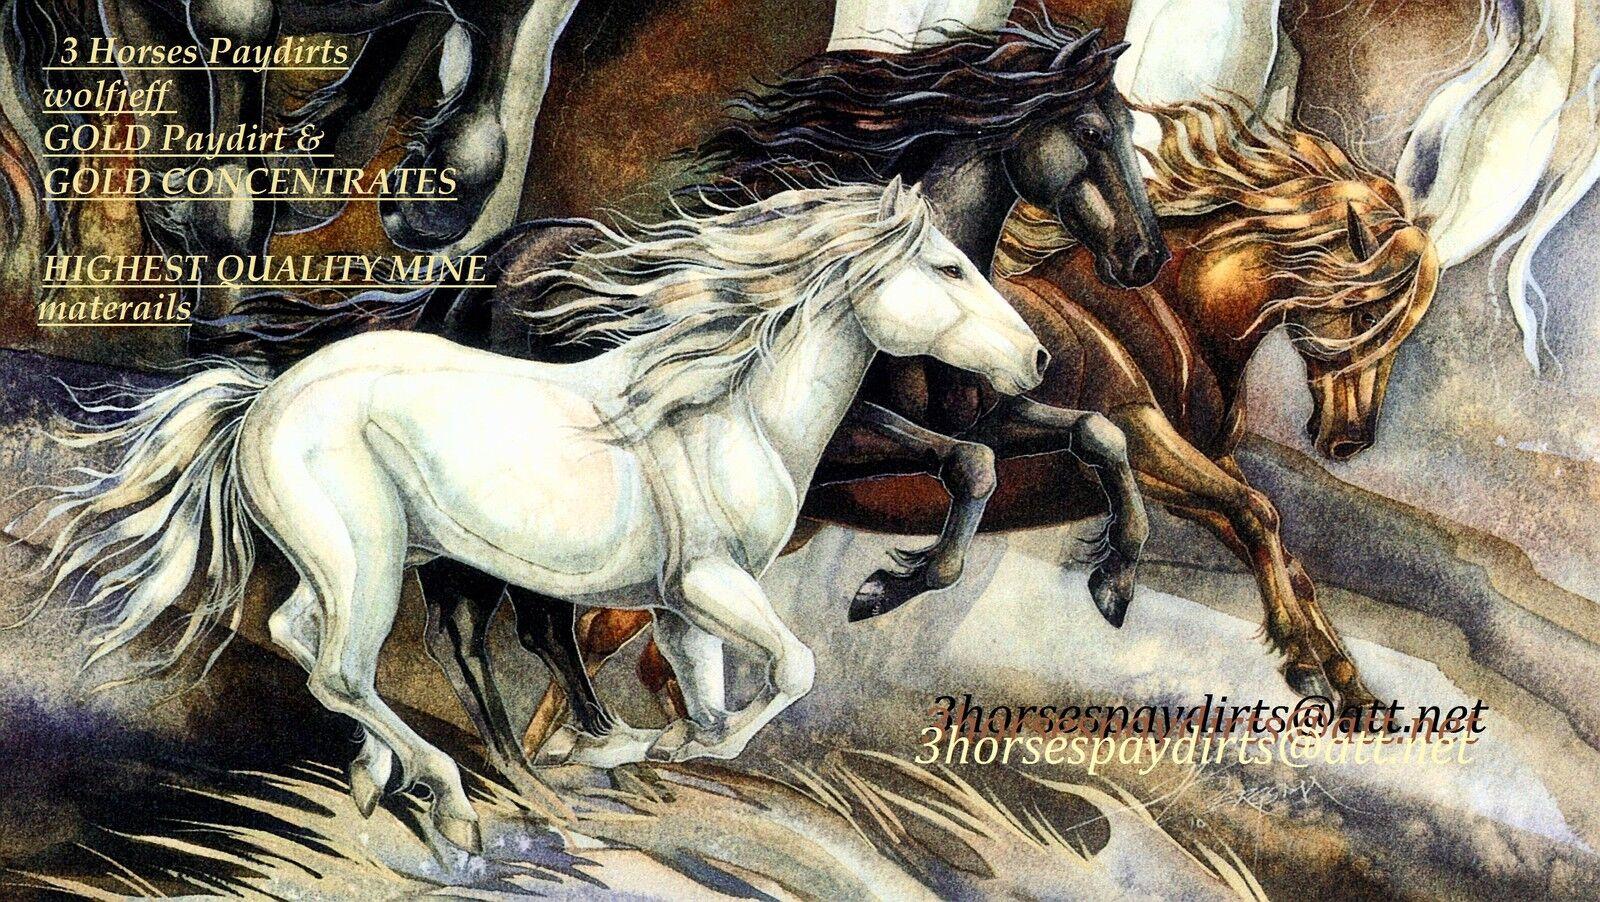 wolfjeff    3 Horses Paydirts